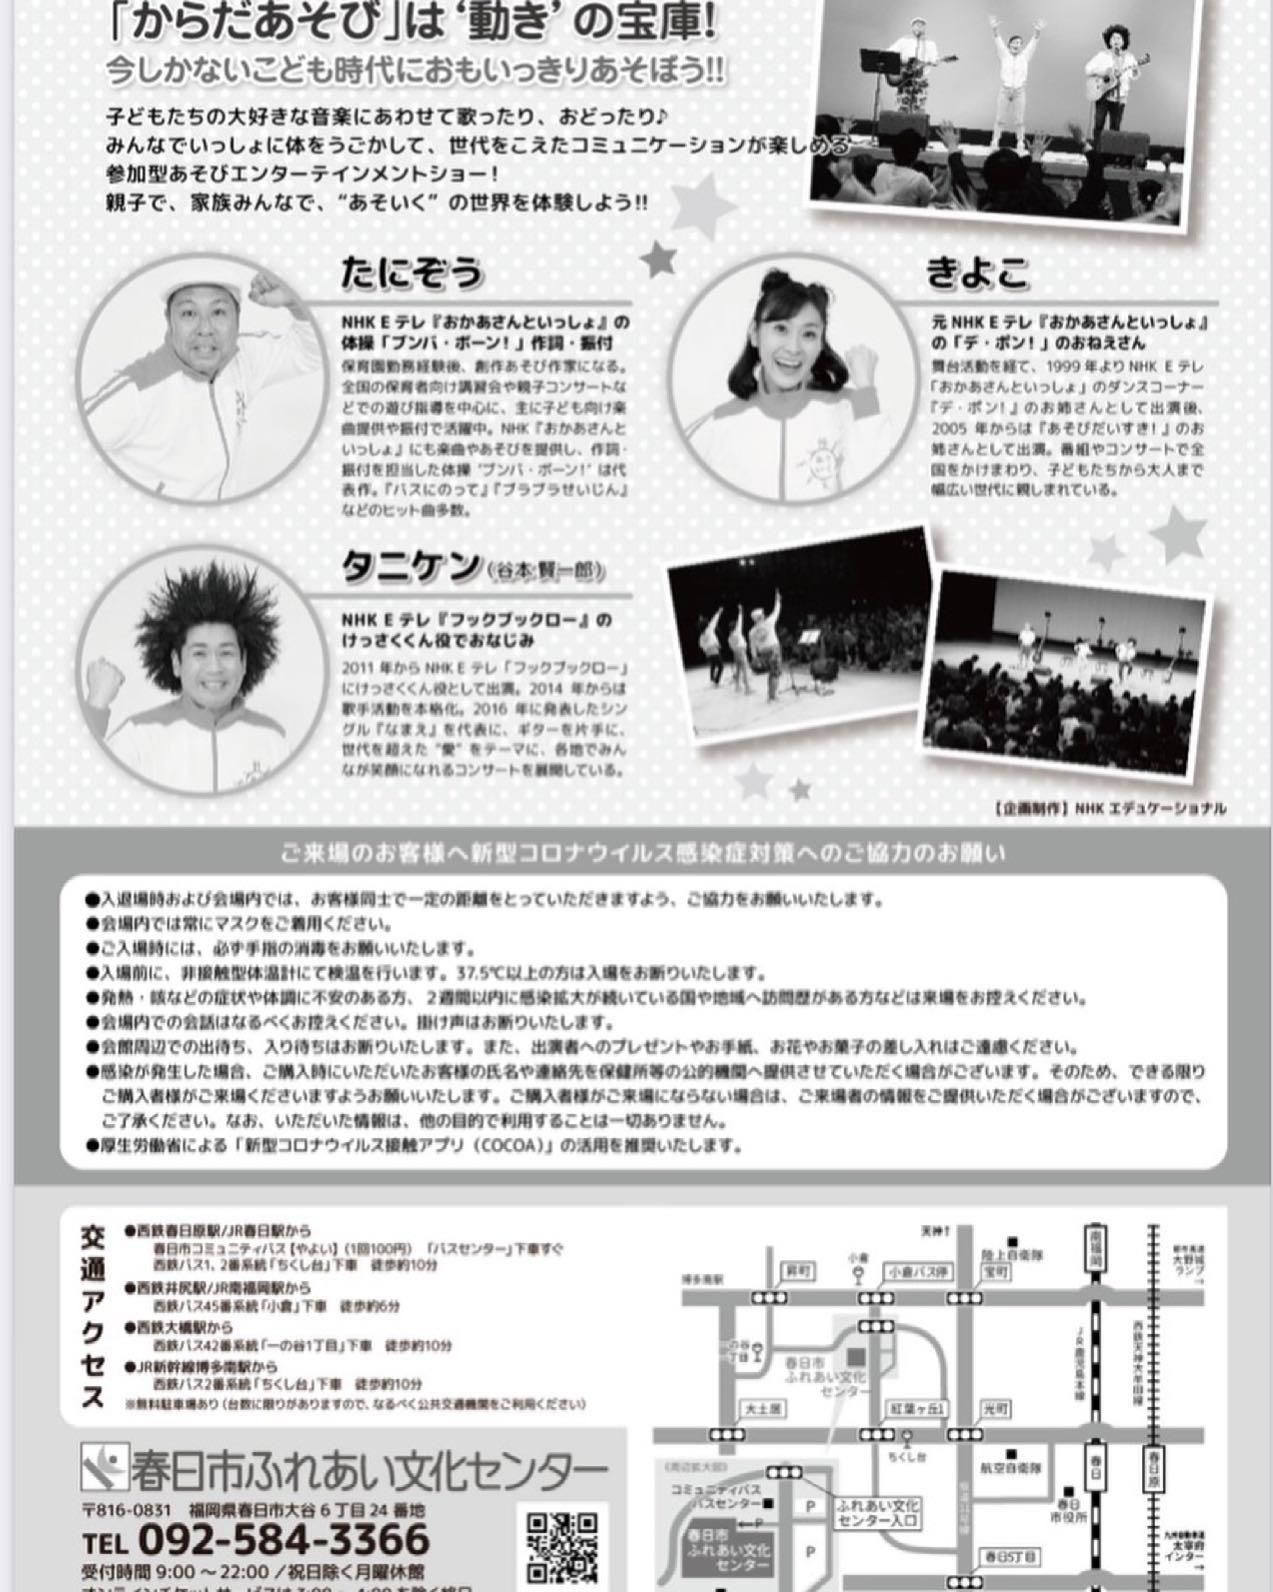 4/29(木・祝) たにぞう&きよこ&タニケンの遊育計画 in 春日_e0056646_12503647.jpeg